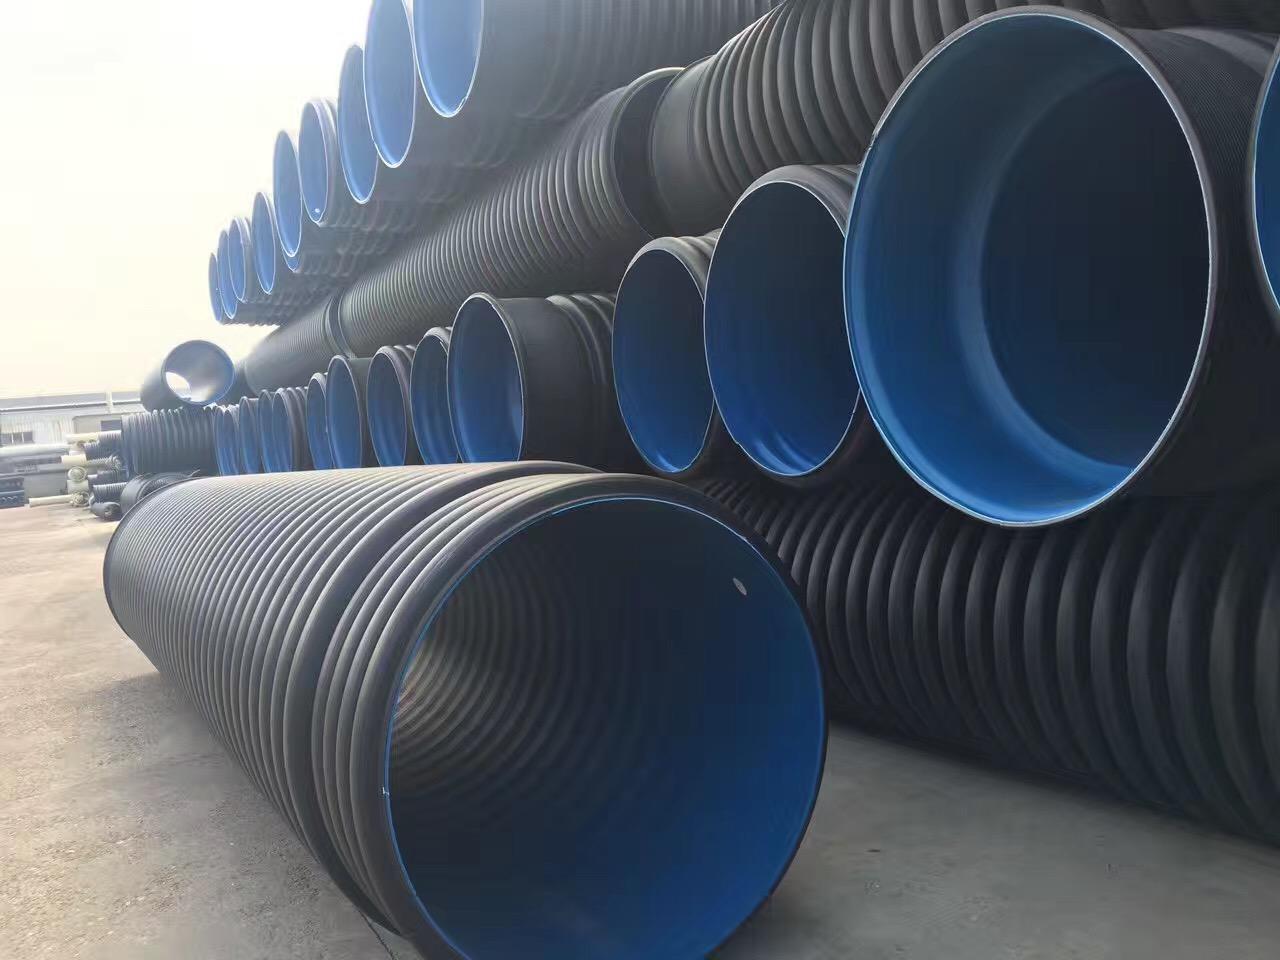 慈溪HDPE双壁波纹管质量保证 来电咨询 宁波塑通管业供应